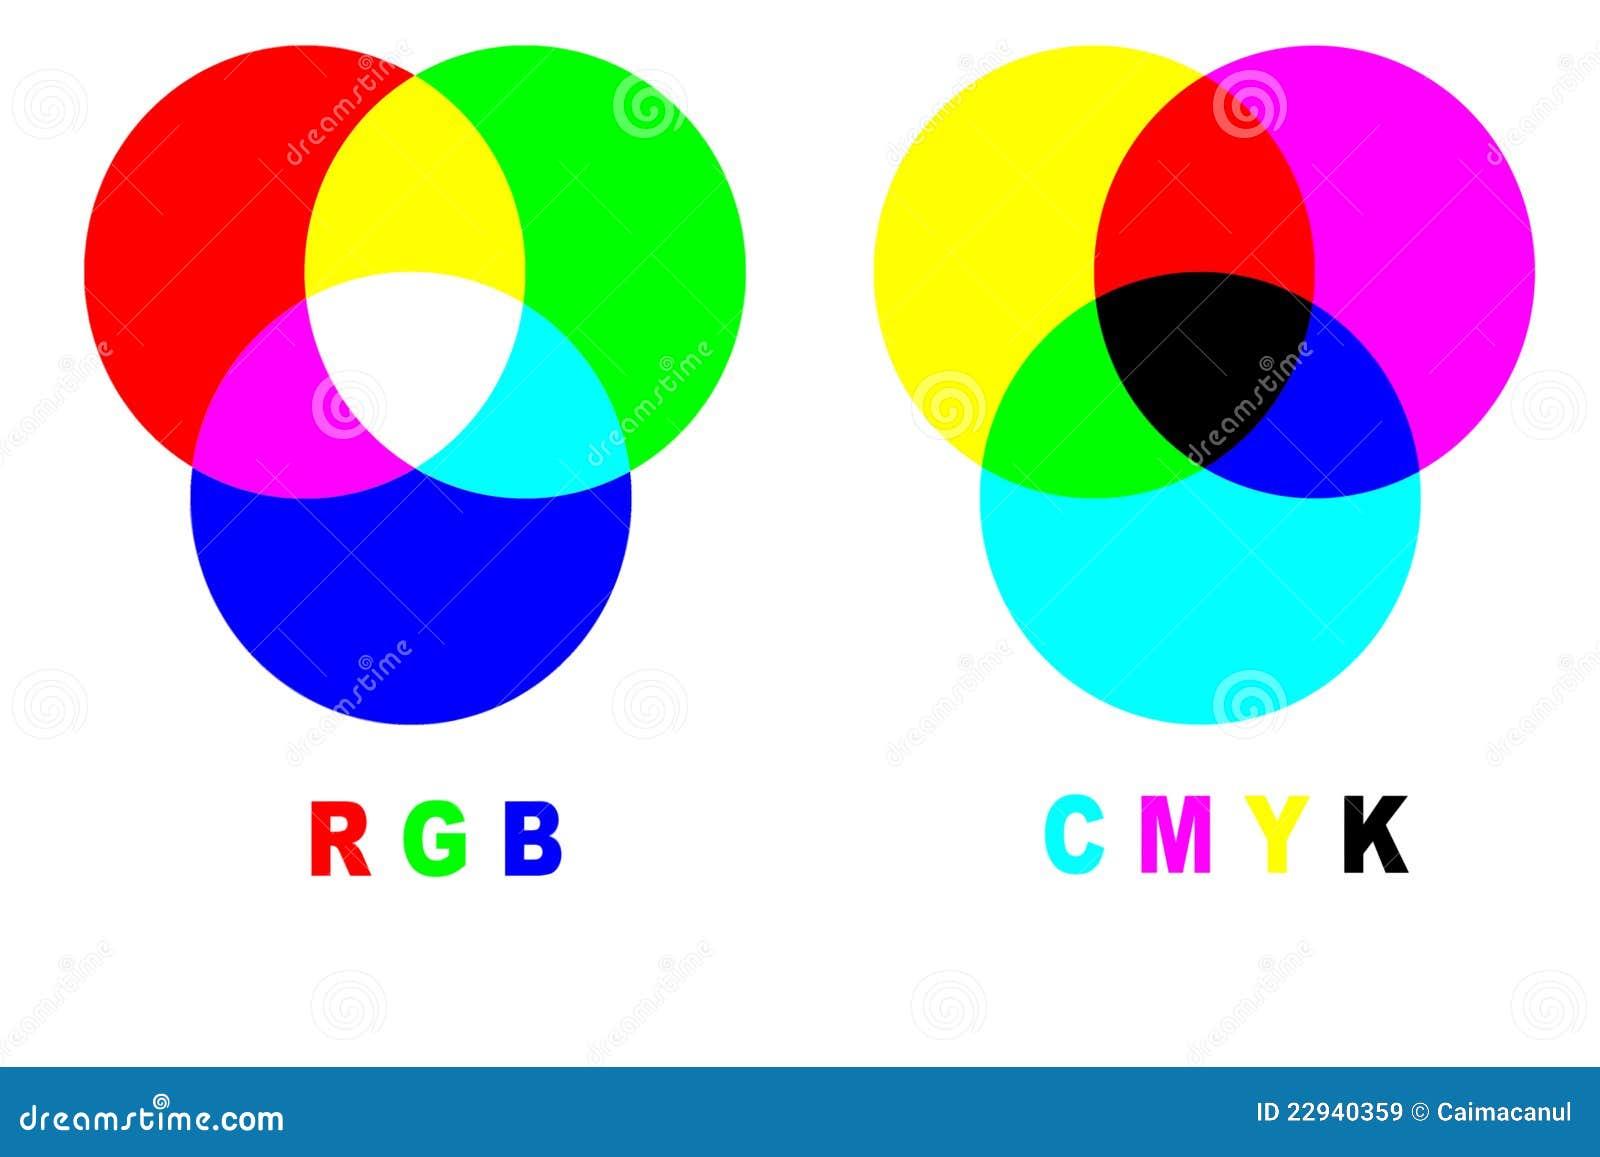 Как сделать белый цвет из красного зеленого и синего